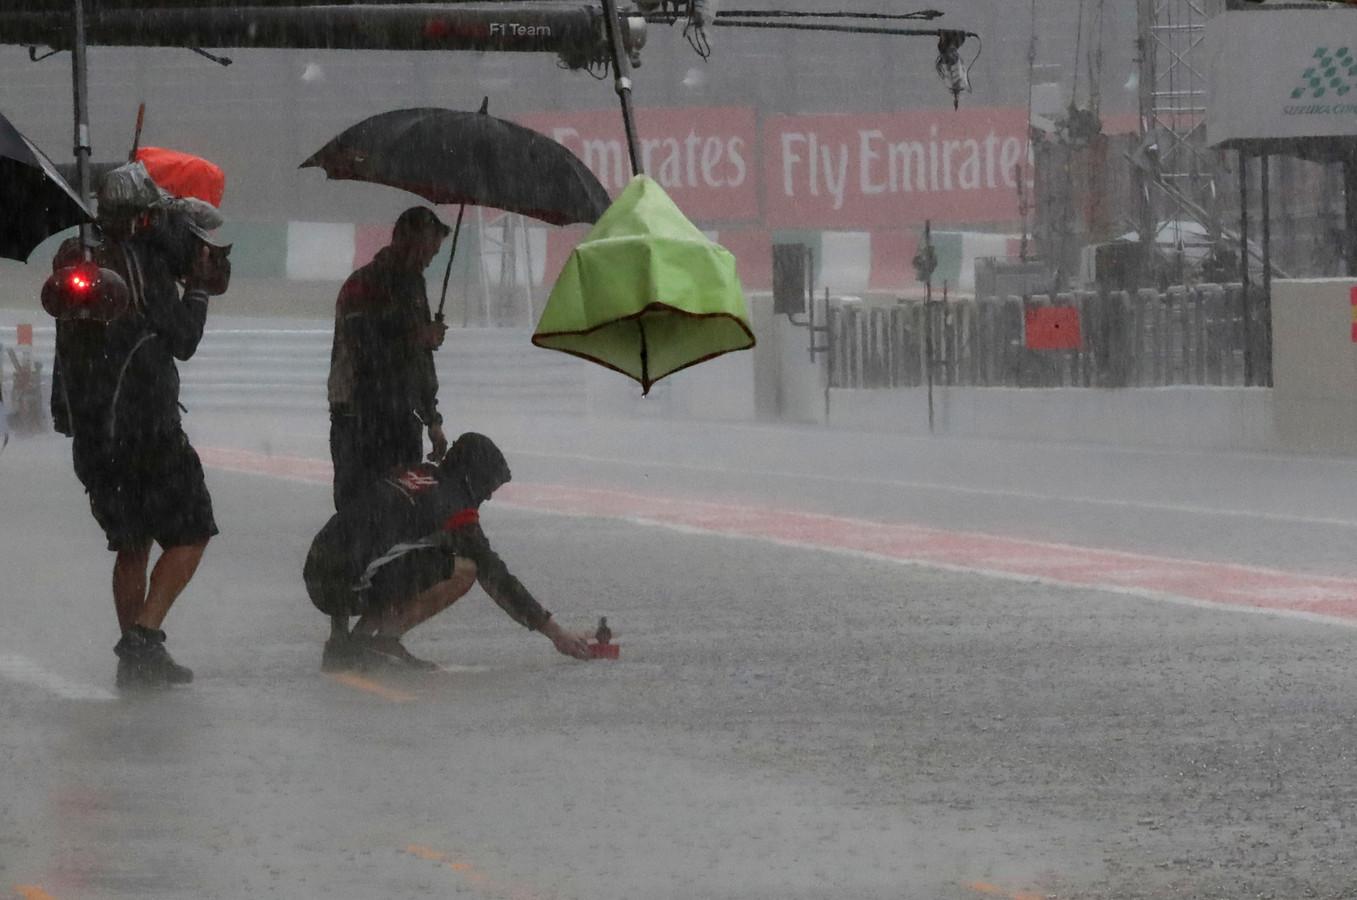 In 2017 kwam de regen met bakken uit de lucht in Suzuka. Reden voor de mecaniciens om papieren bootjes over het circuit te laten varen.